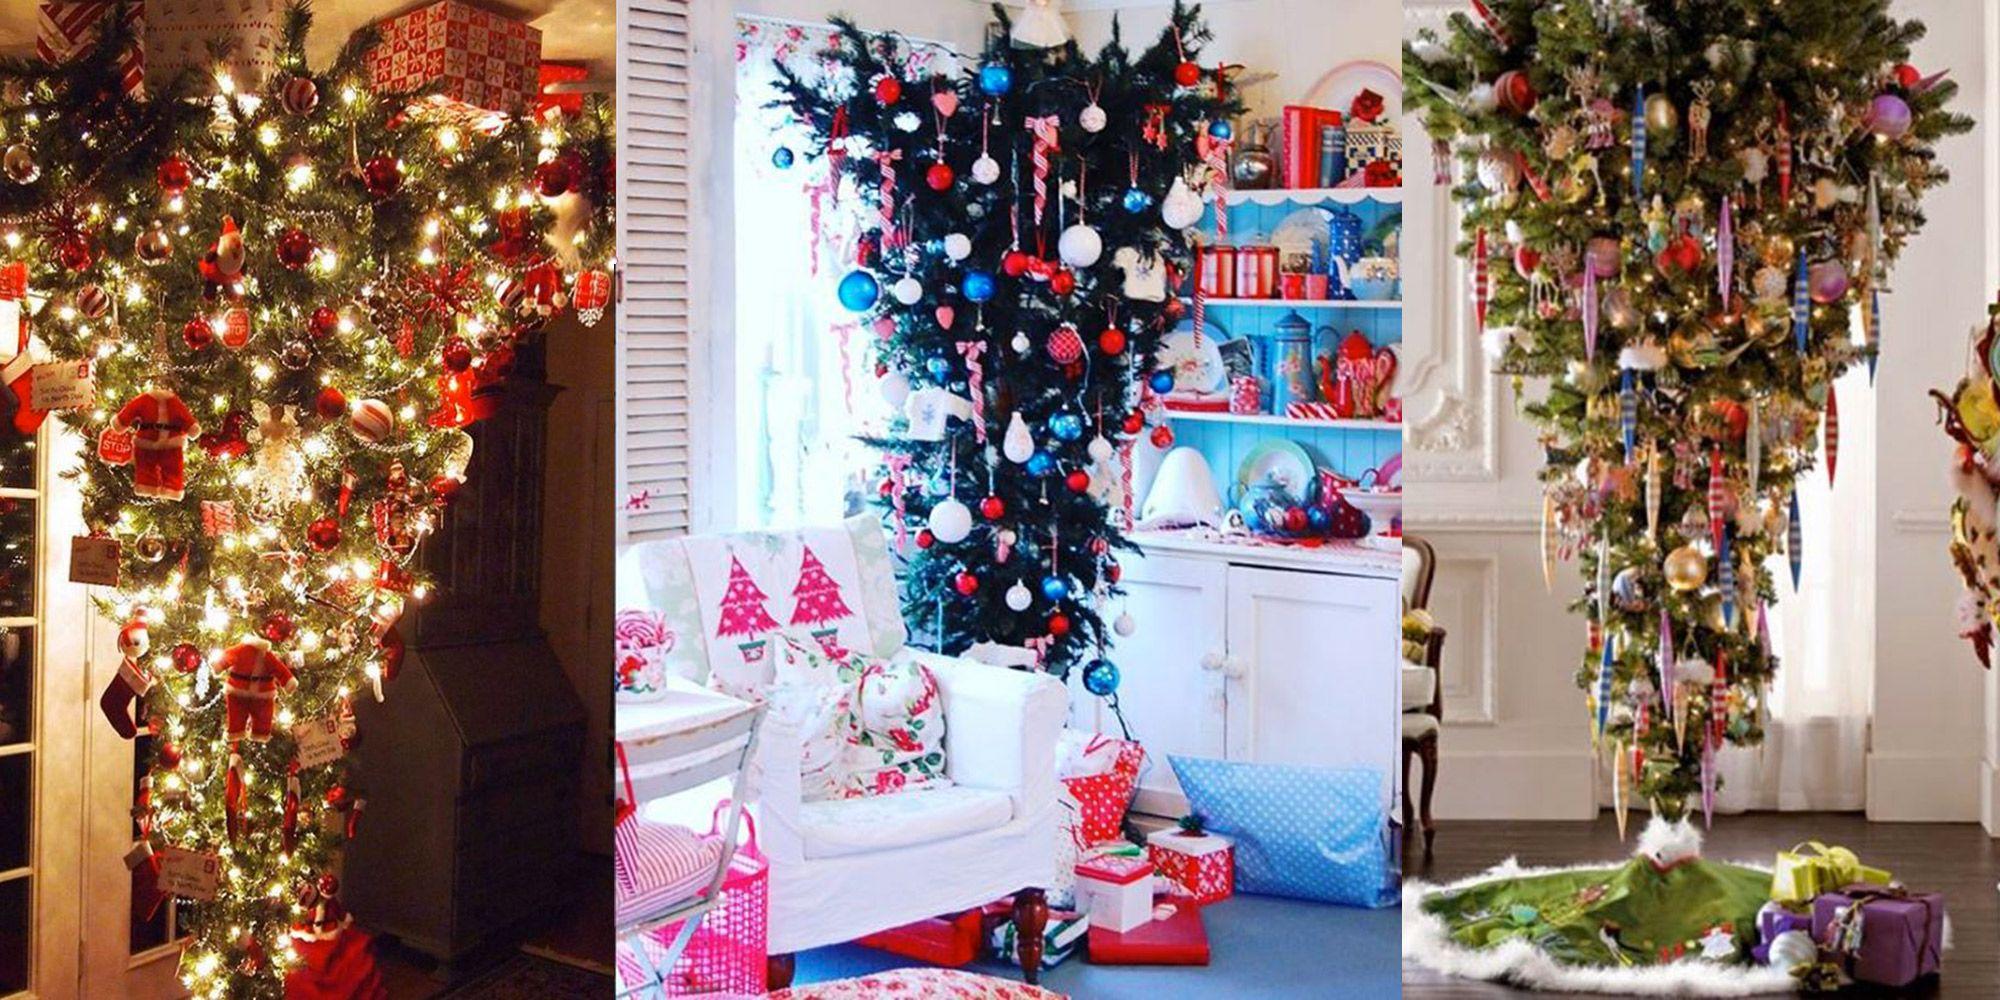 Albero Di Natale Al Contrario Foto.Alberi Di Natale Ora Sono Al Contrario Come Nel Sottosopra Di Stranger Things